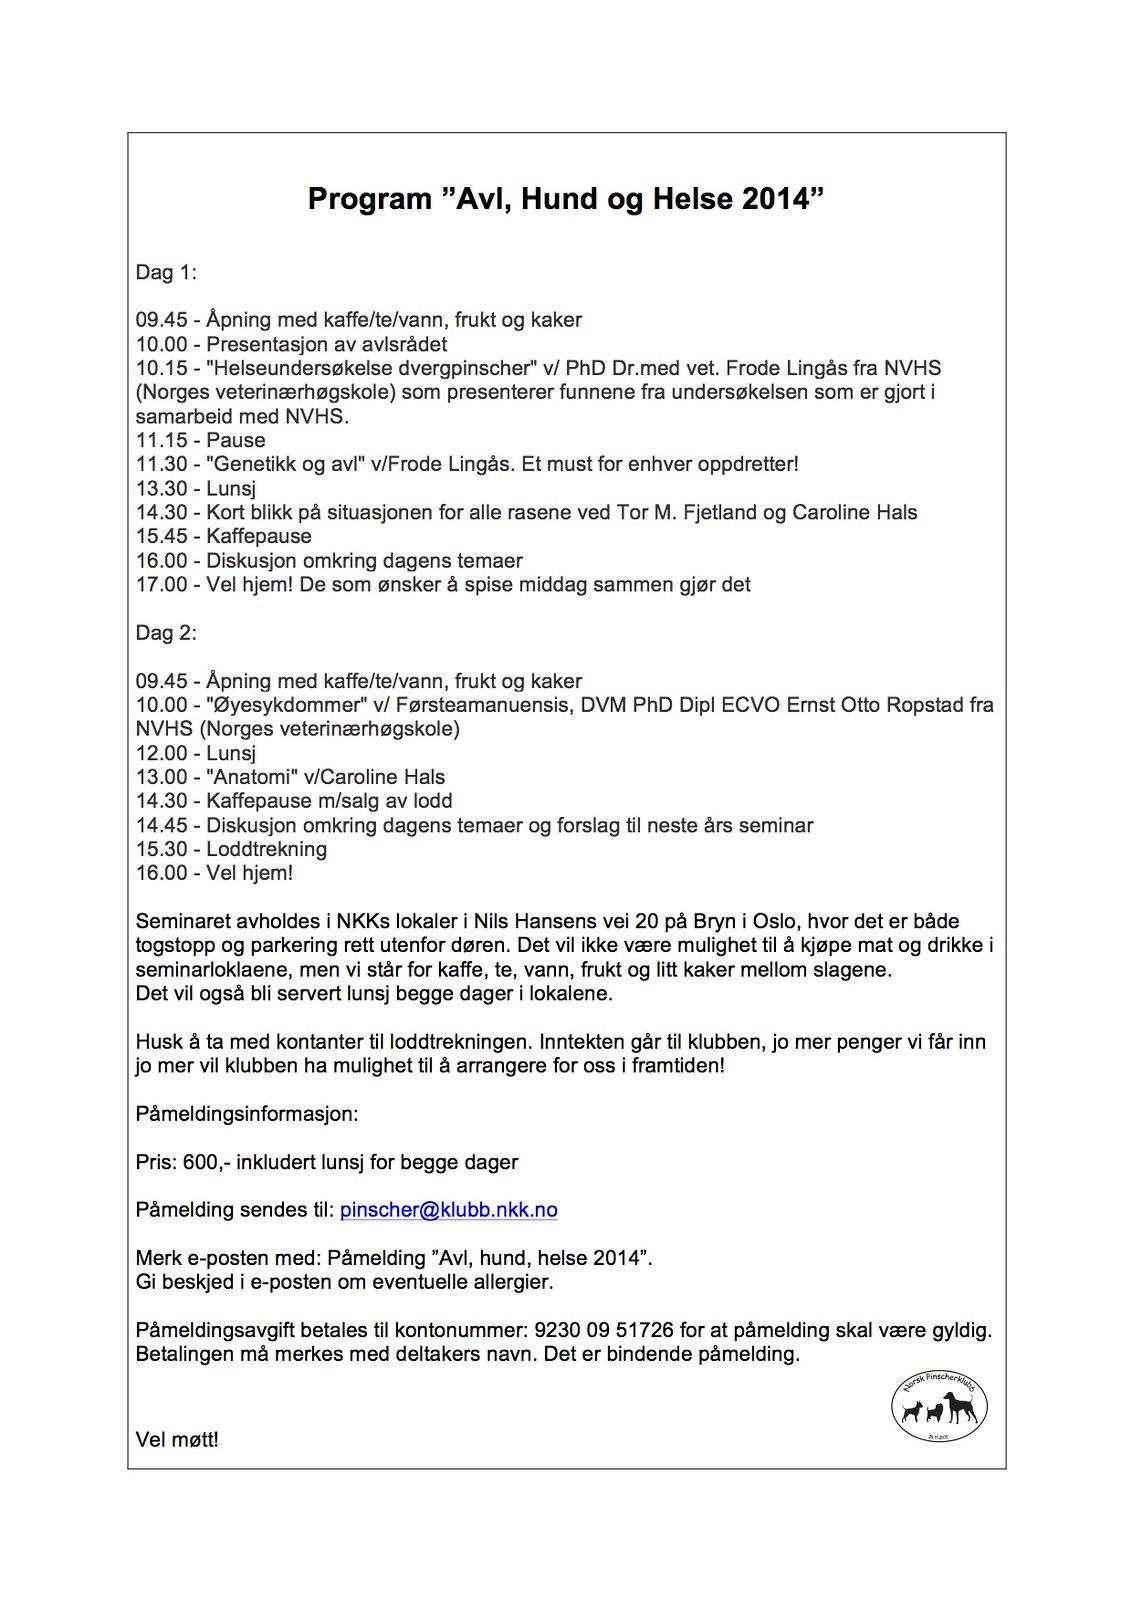 """Velkommen til NPK seminaret """"Avl, hund, helse"""" 22. og 23.mars 2014 12432930024_5cc7f46bcf_h"""